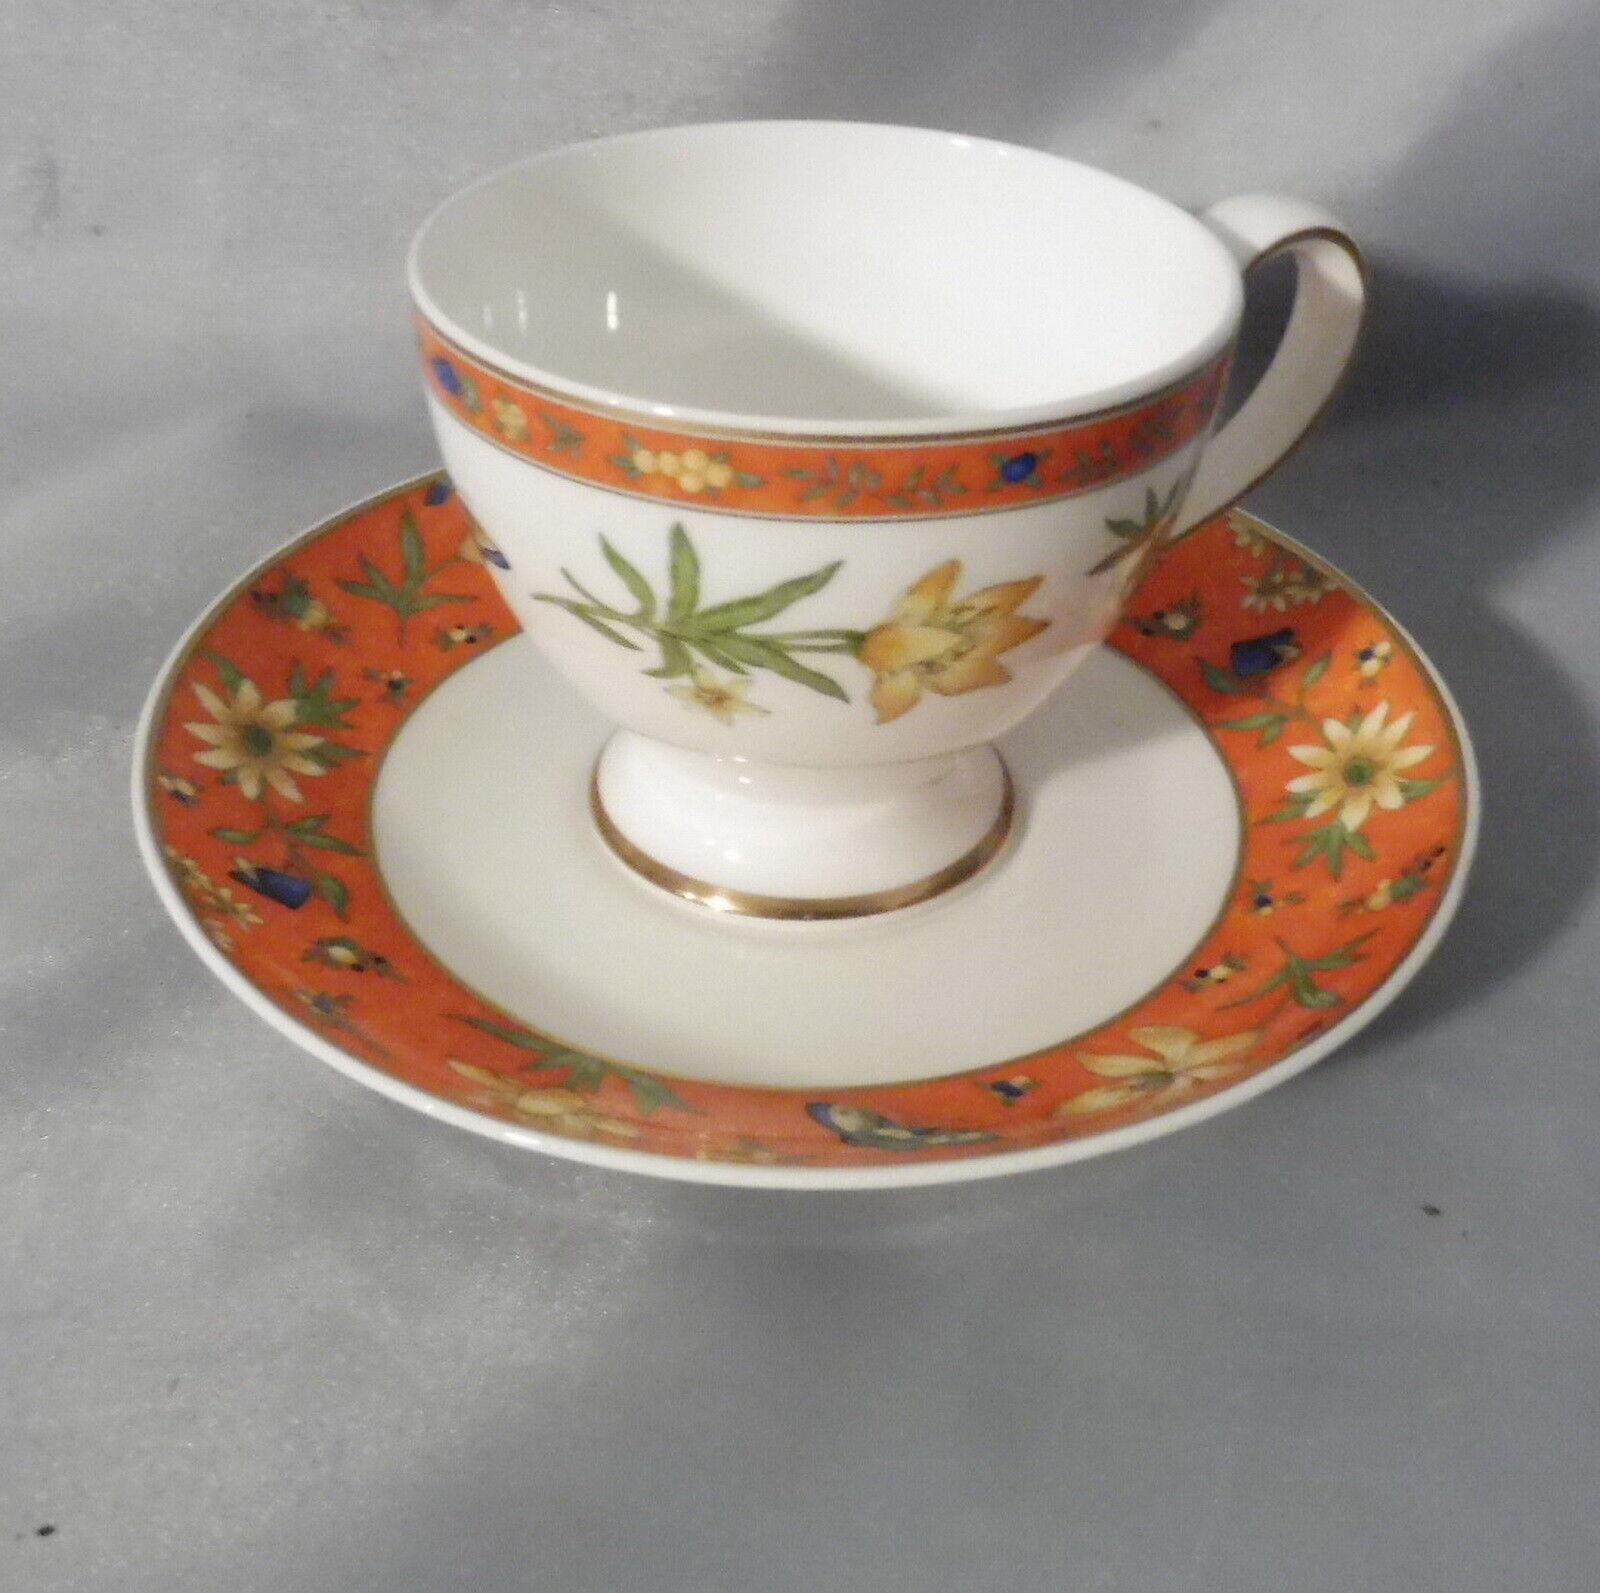 Mariposa Espresso Set: Tasse+ Untertasse Villeroy&Boch | eBay